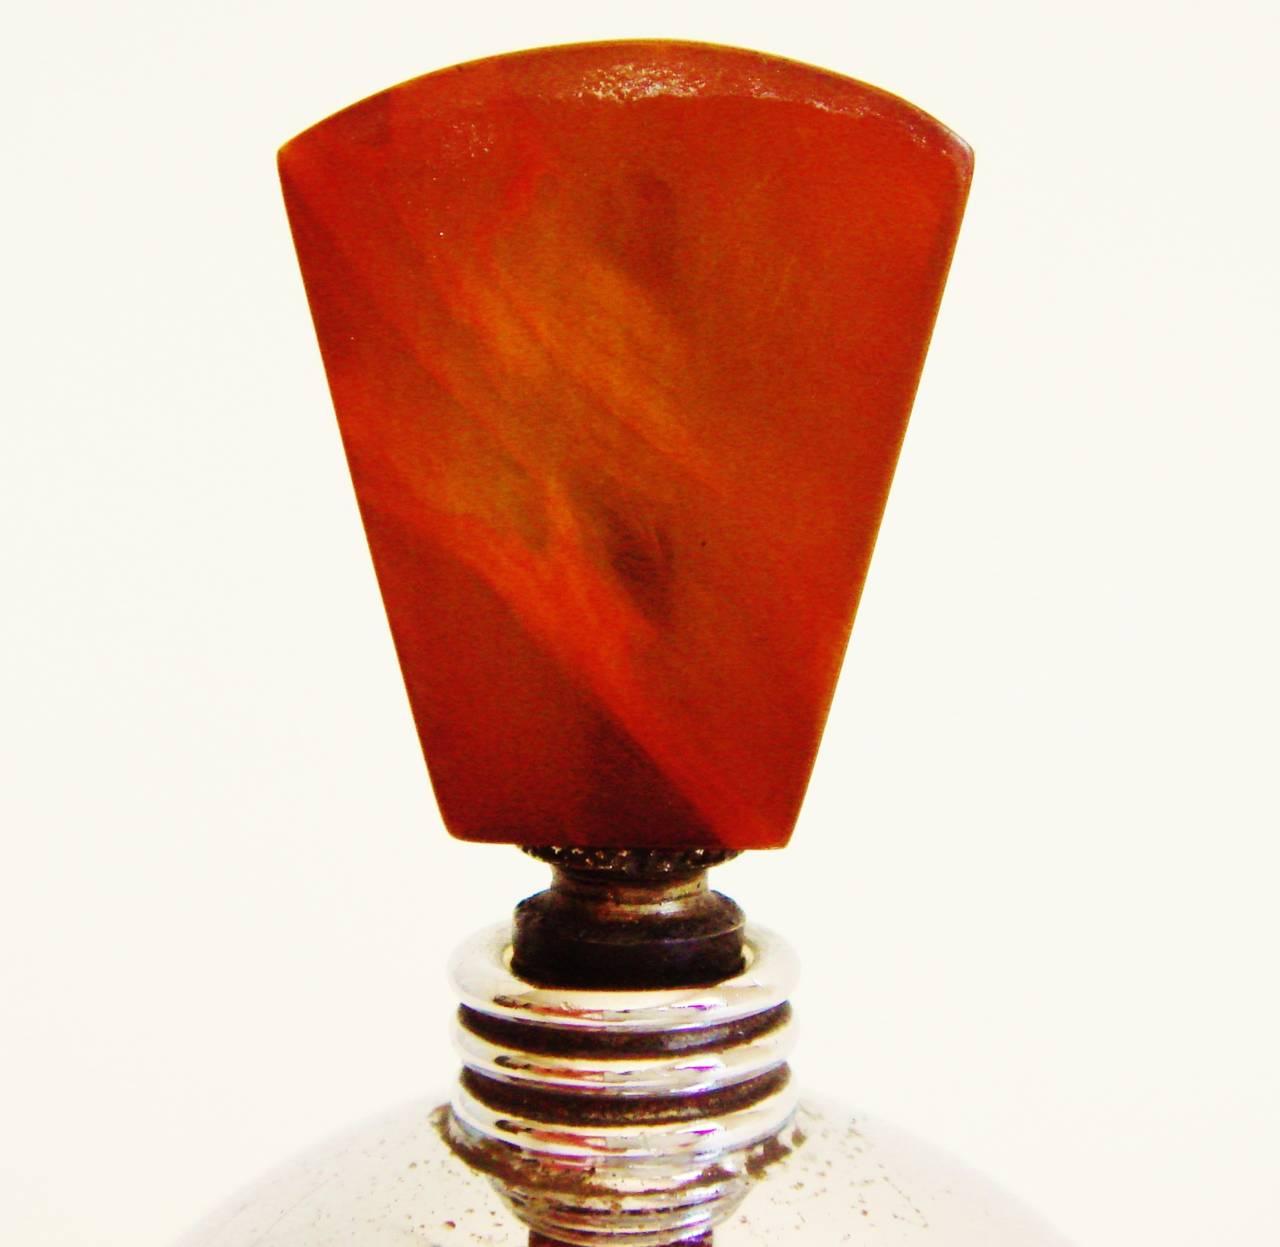 Molded Rare English Art Deco Chrome and Bakelite Spherical Striker Table Lighter For Sale